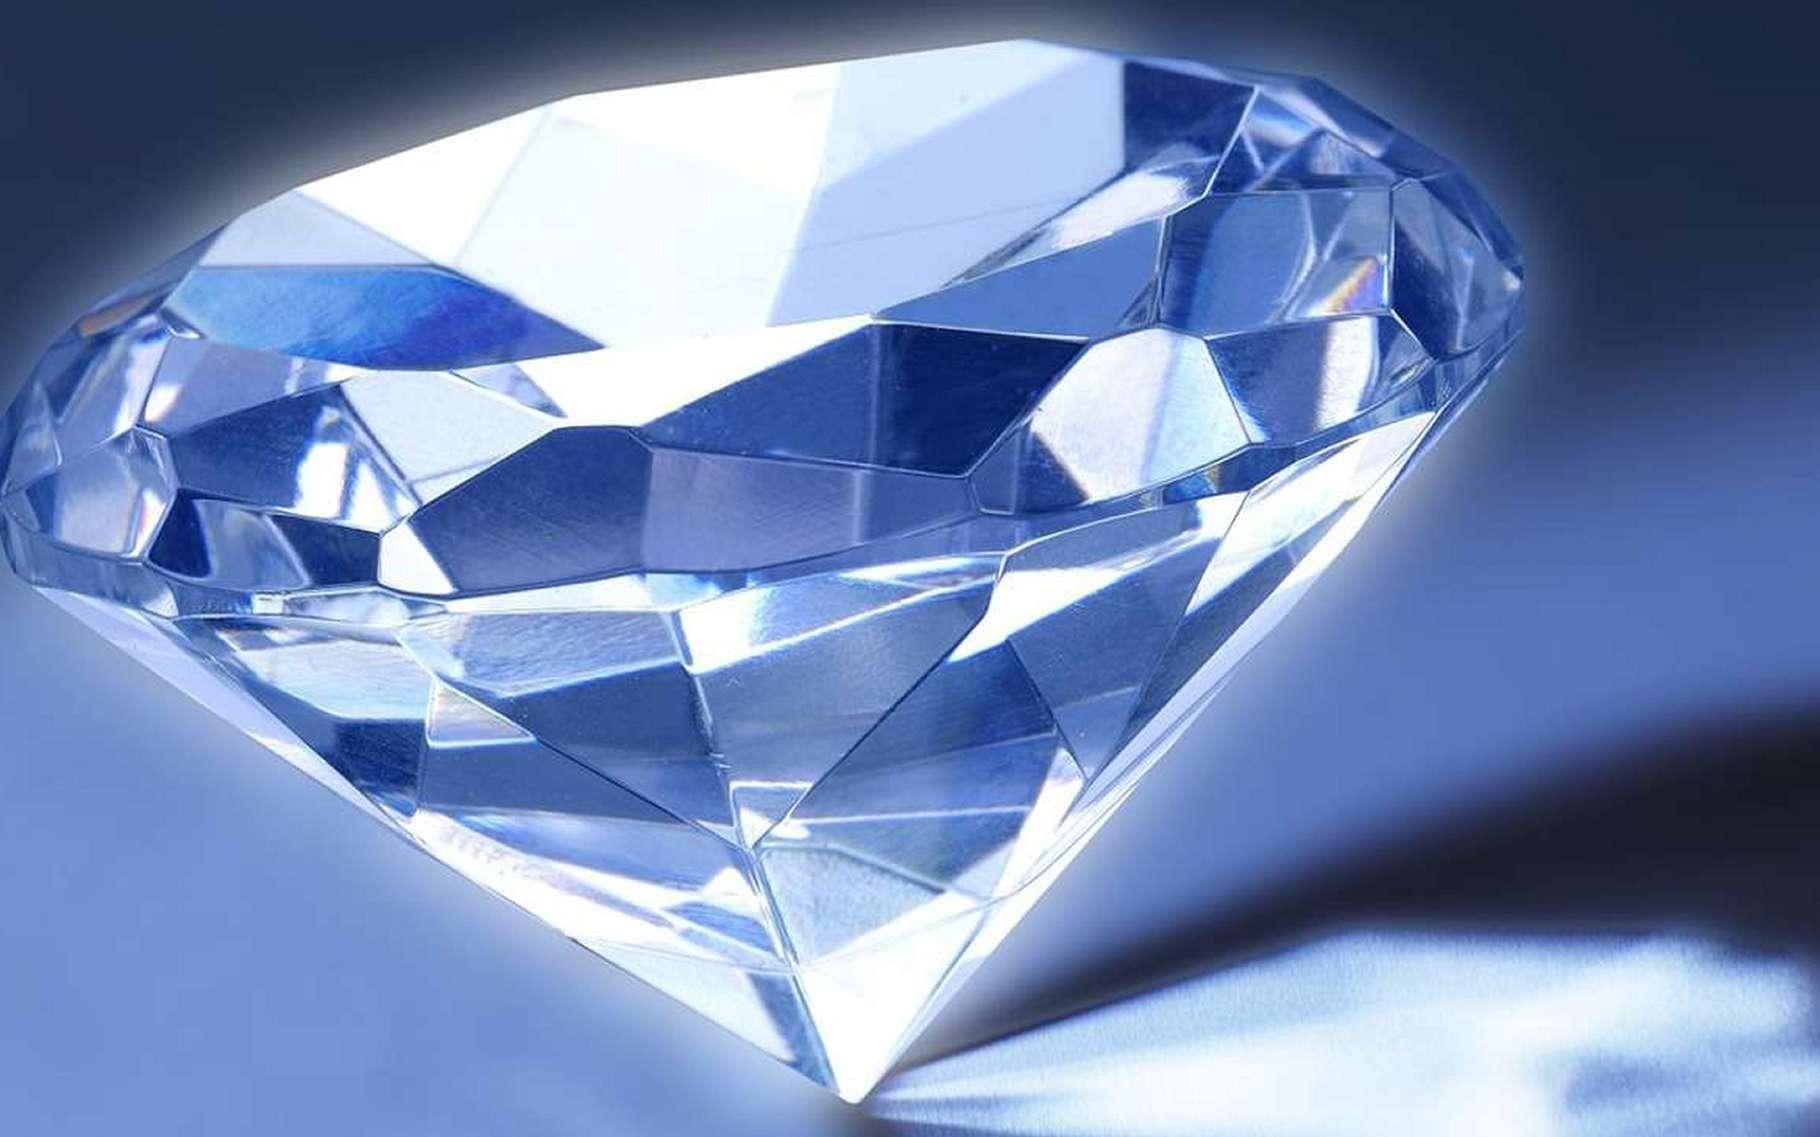 Un diamant de carbone radioactif produirait de l'électricité. Voilà une pile élégante et utile puisqu'elle serait faite avec des déchets nucléaires. © Nafets, Pixabay, DP